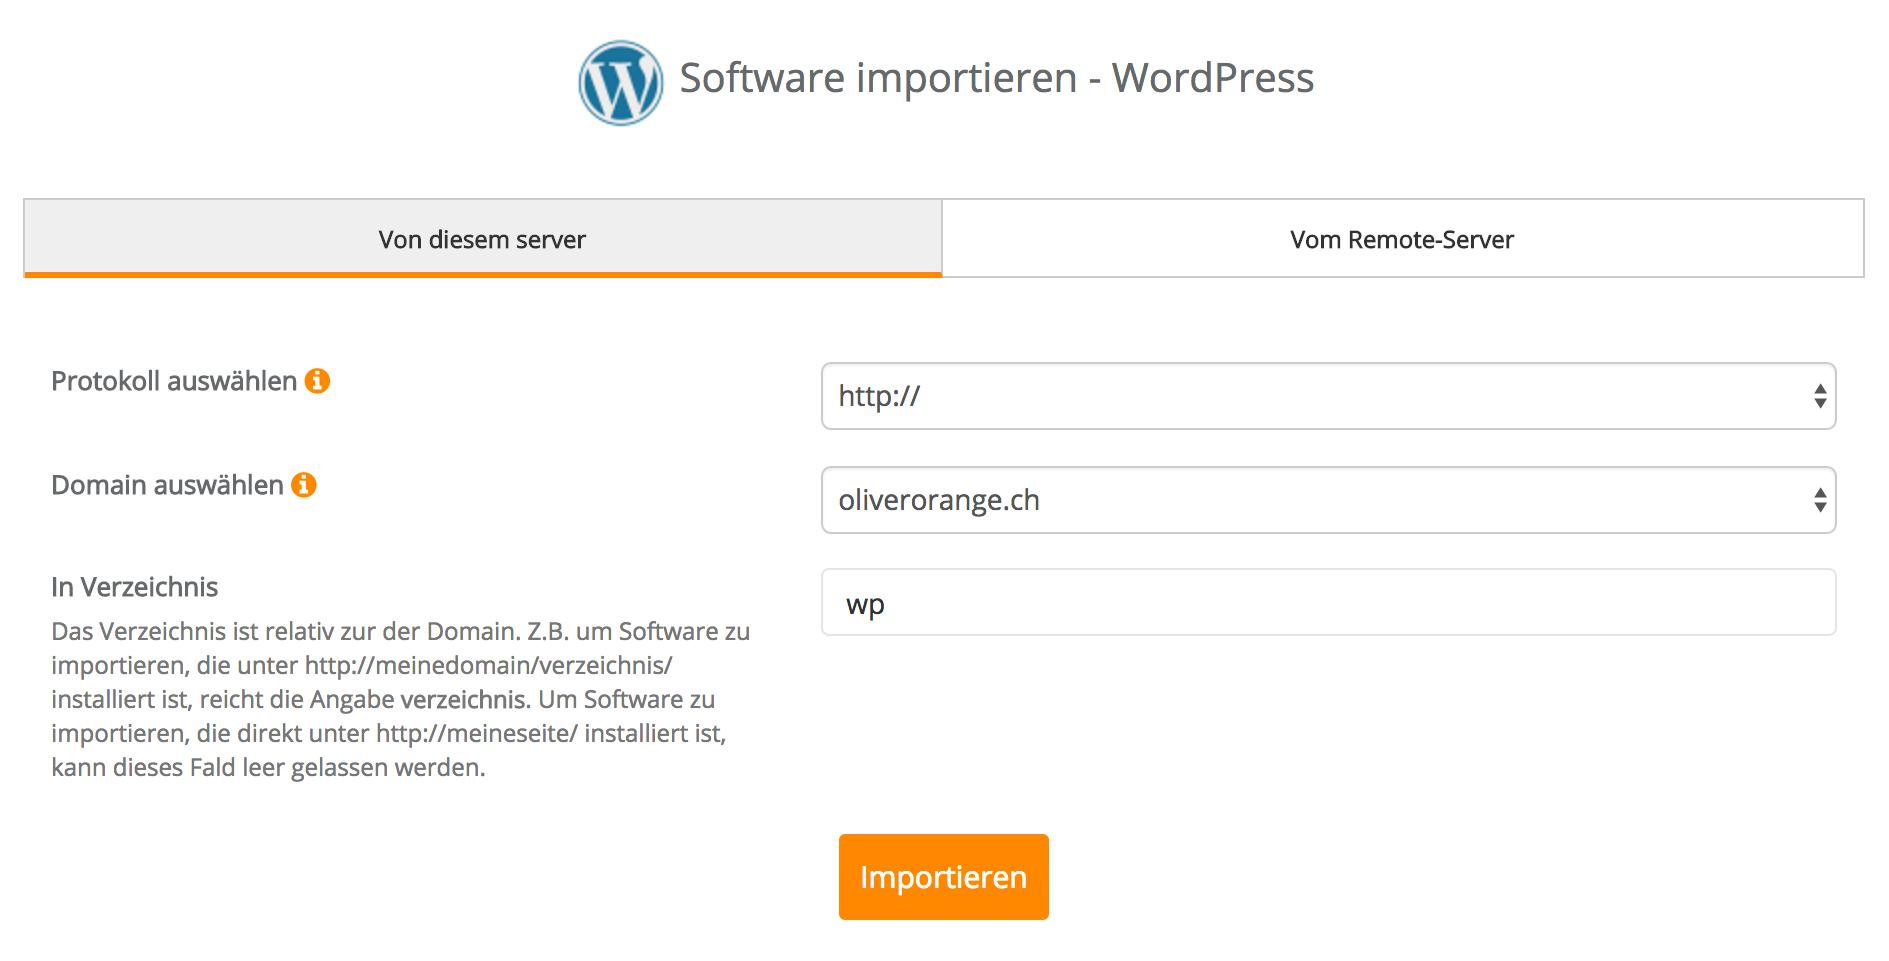 Software importieren